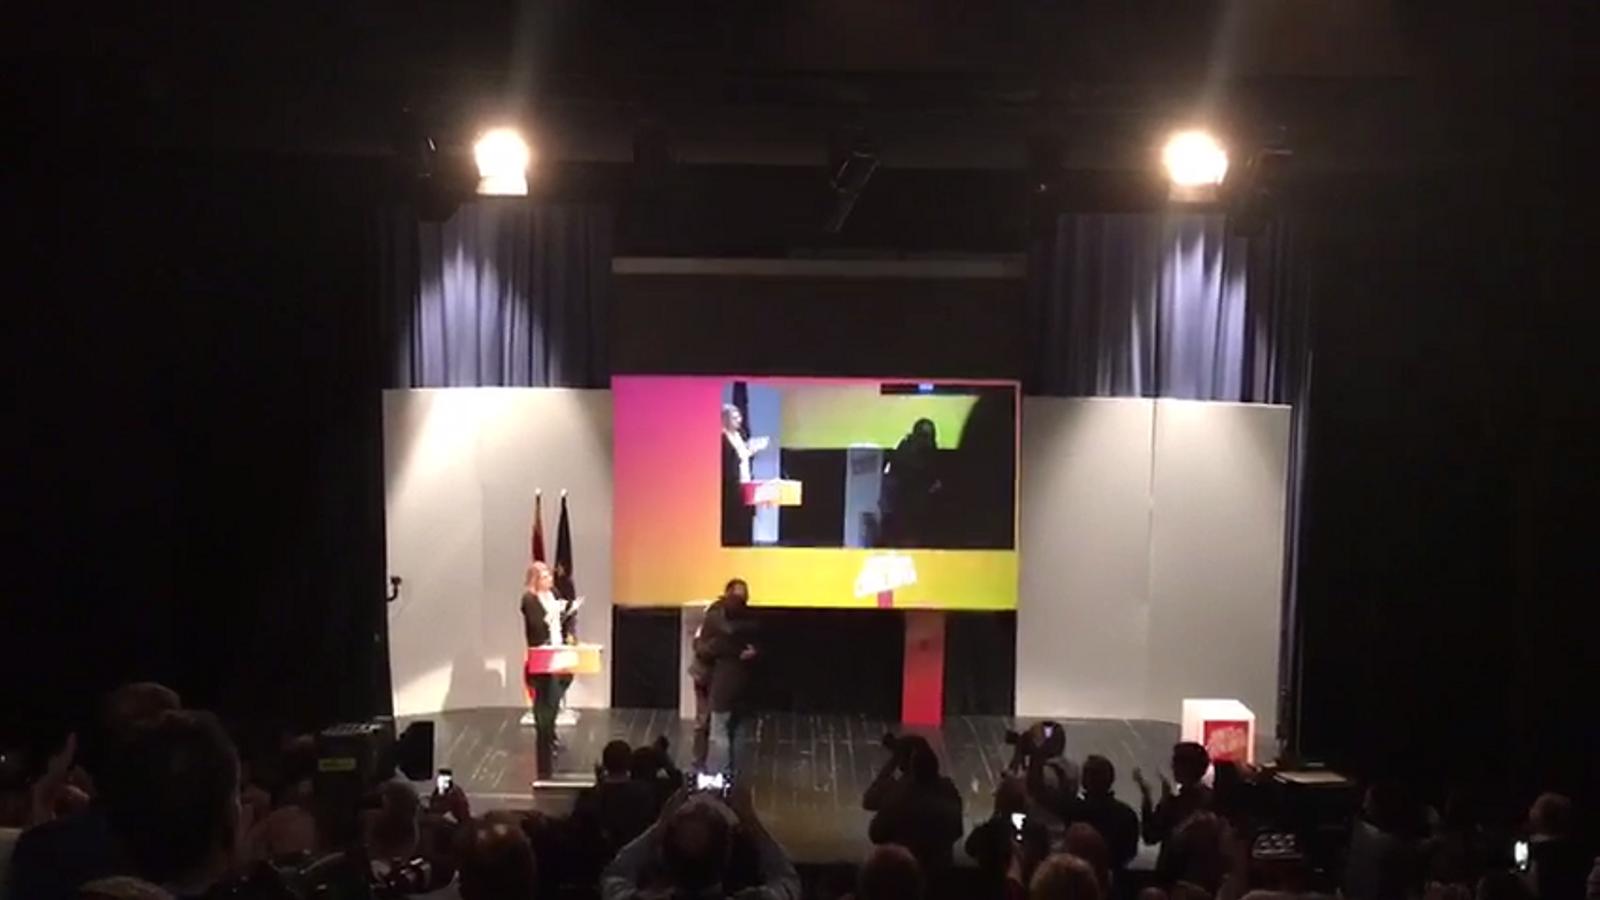 Abraçada de Jordi Turull amb la dona de Jordi Sànchez al míting de Parets del Vallès